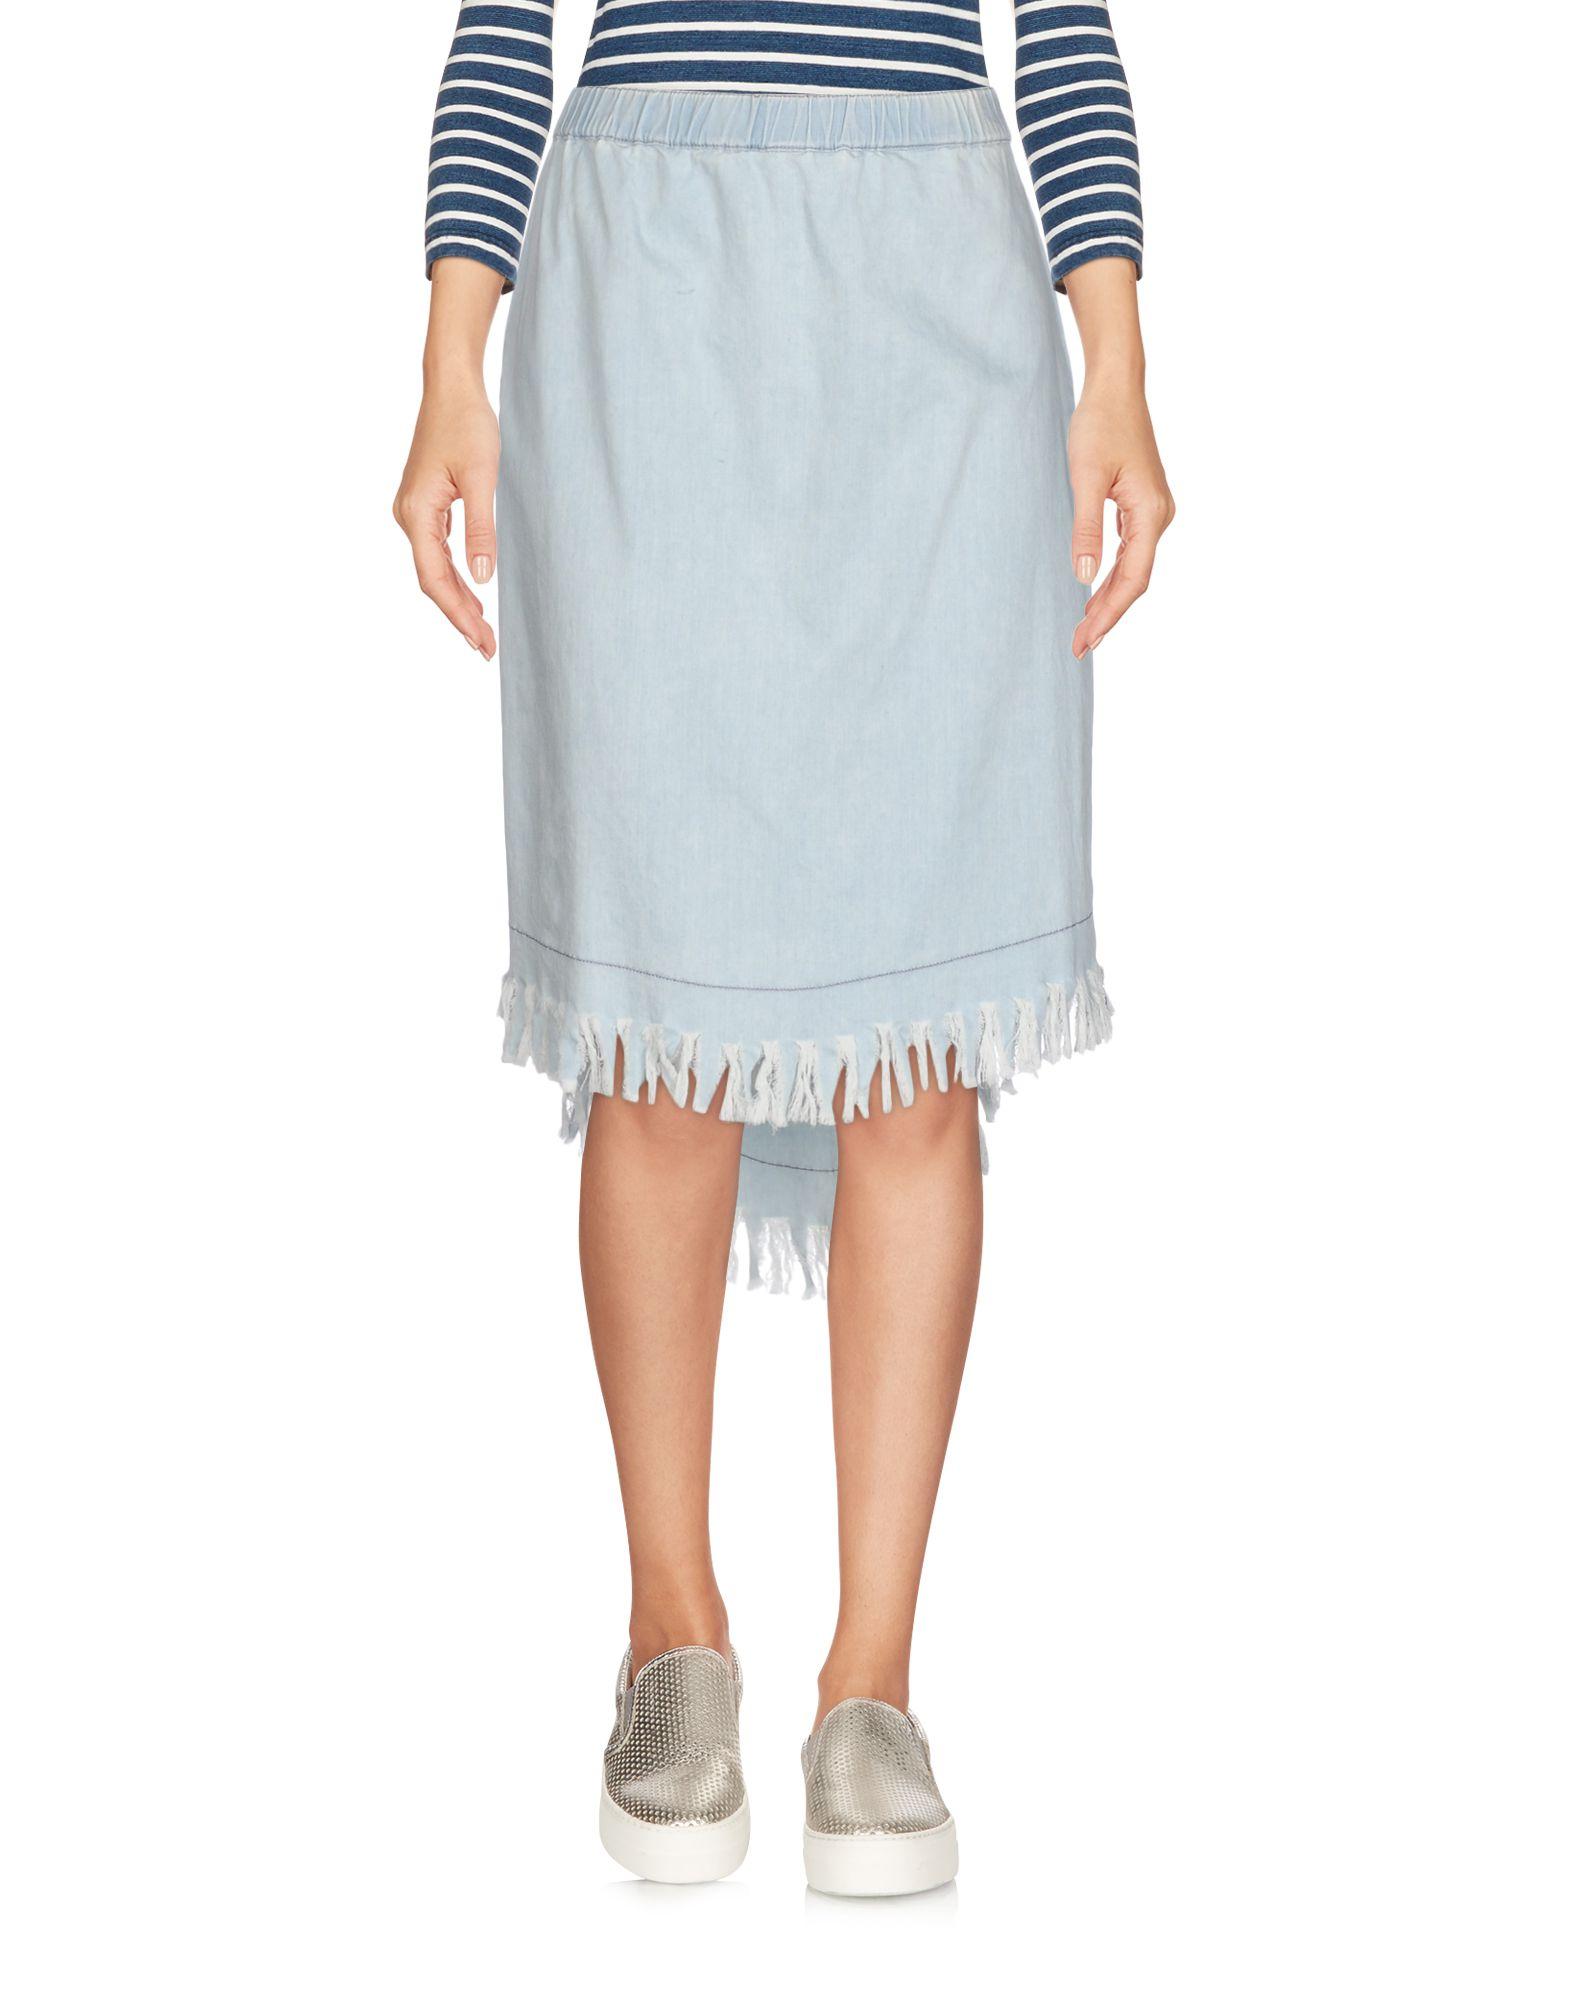 Γυναικείες Φούστες - Φθηνότερα Προϊόντα - Σελίδα 70  744c77c23a1